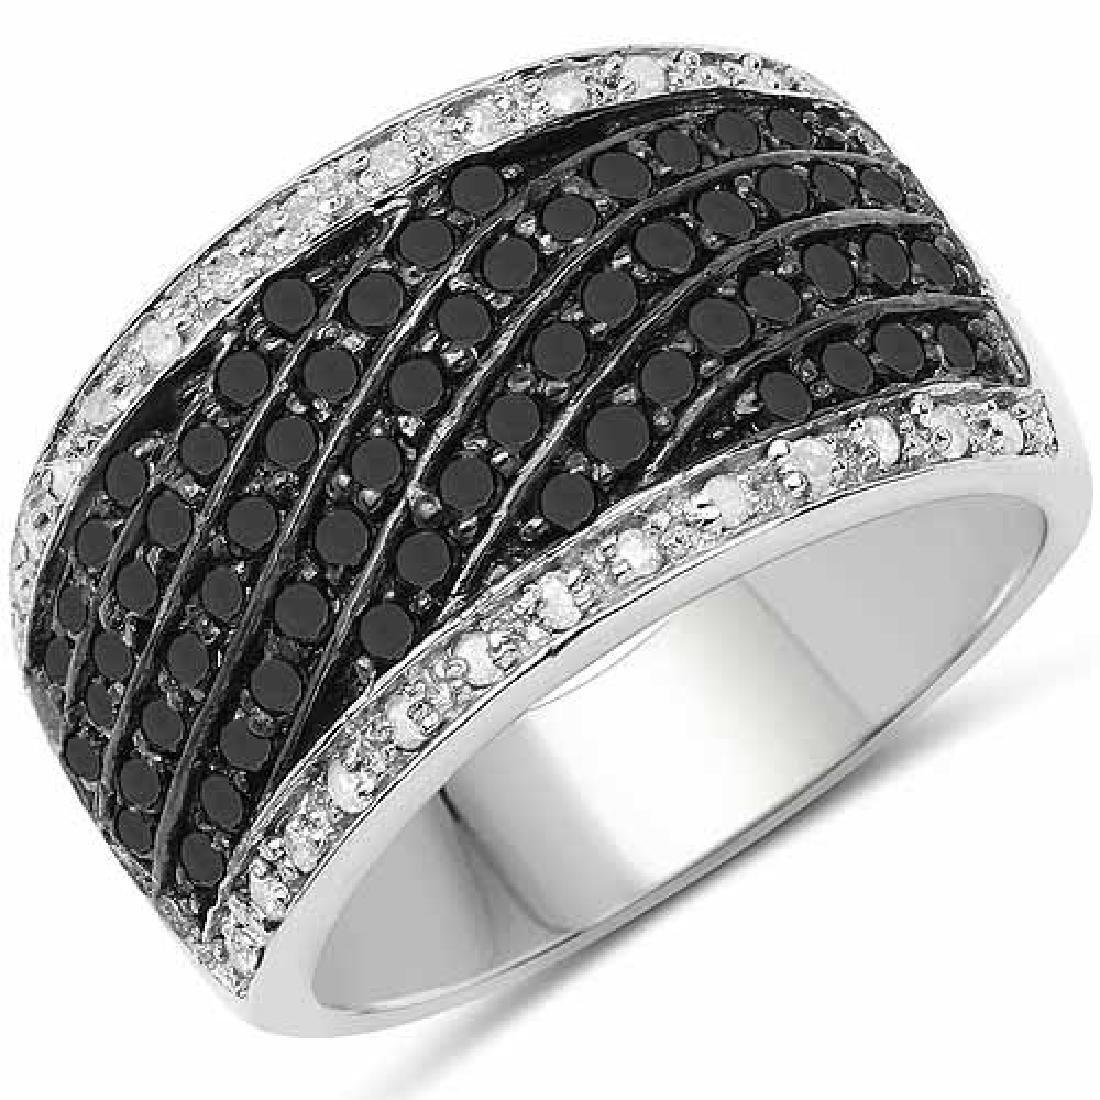 0.79 Carat Genuine Black Diamond and White Diamond .925